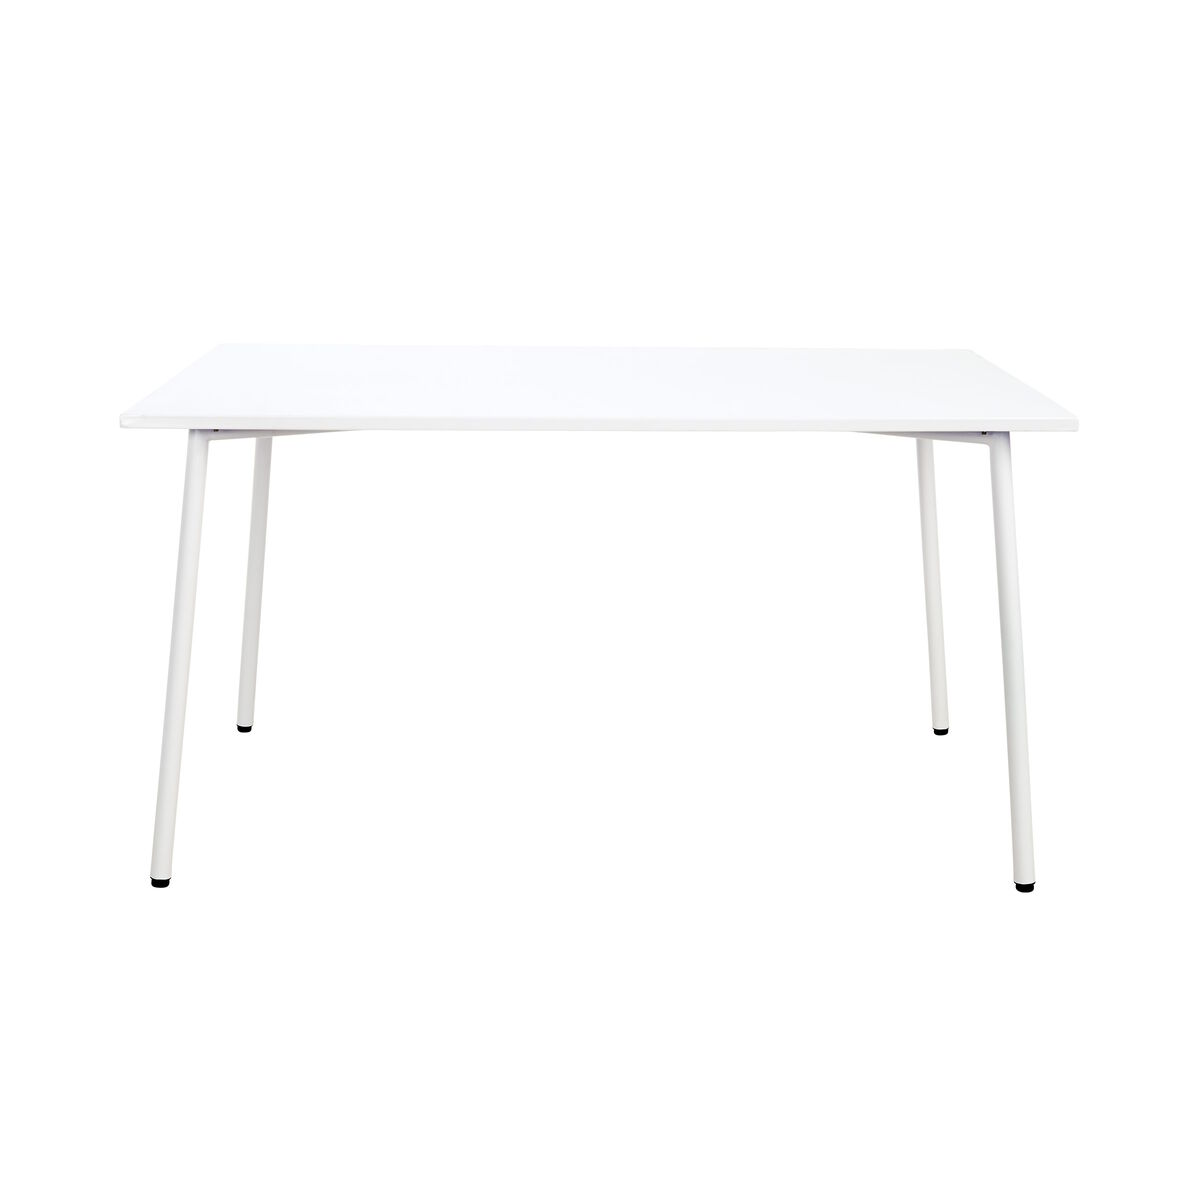 CARREFOUR Tisch 140x80 cm weiß